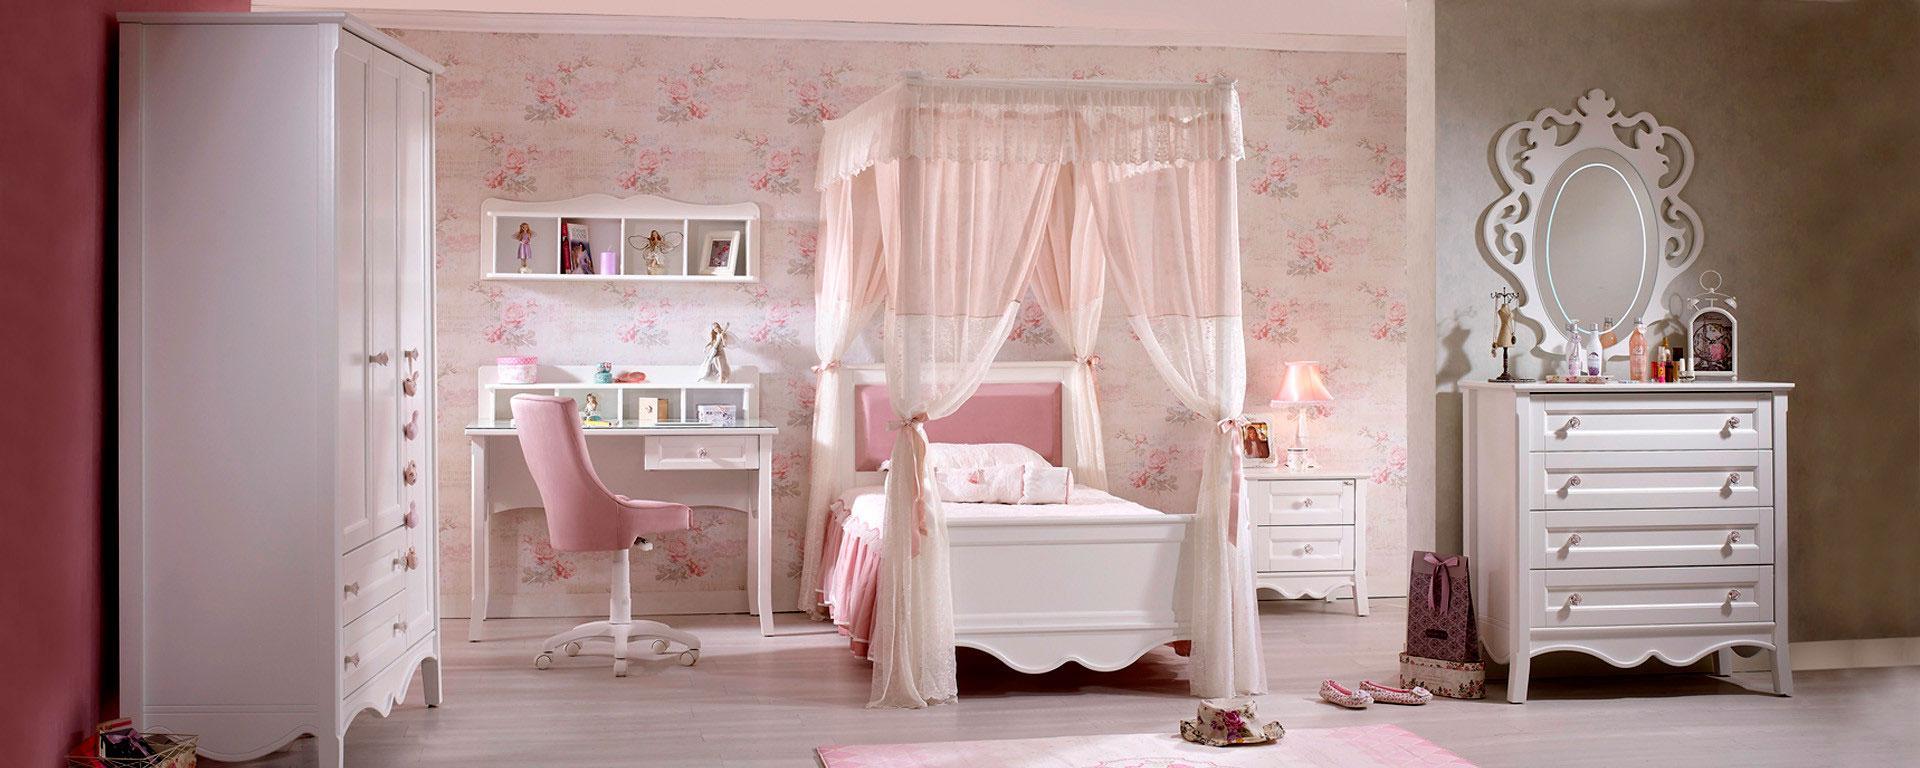 Ремонт детской комнаты под ключ